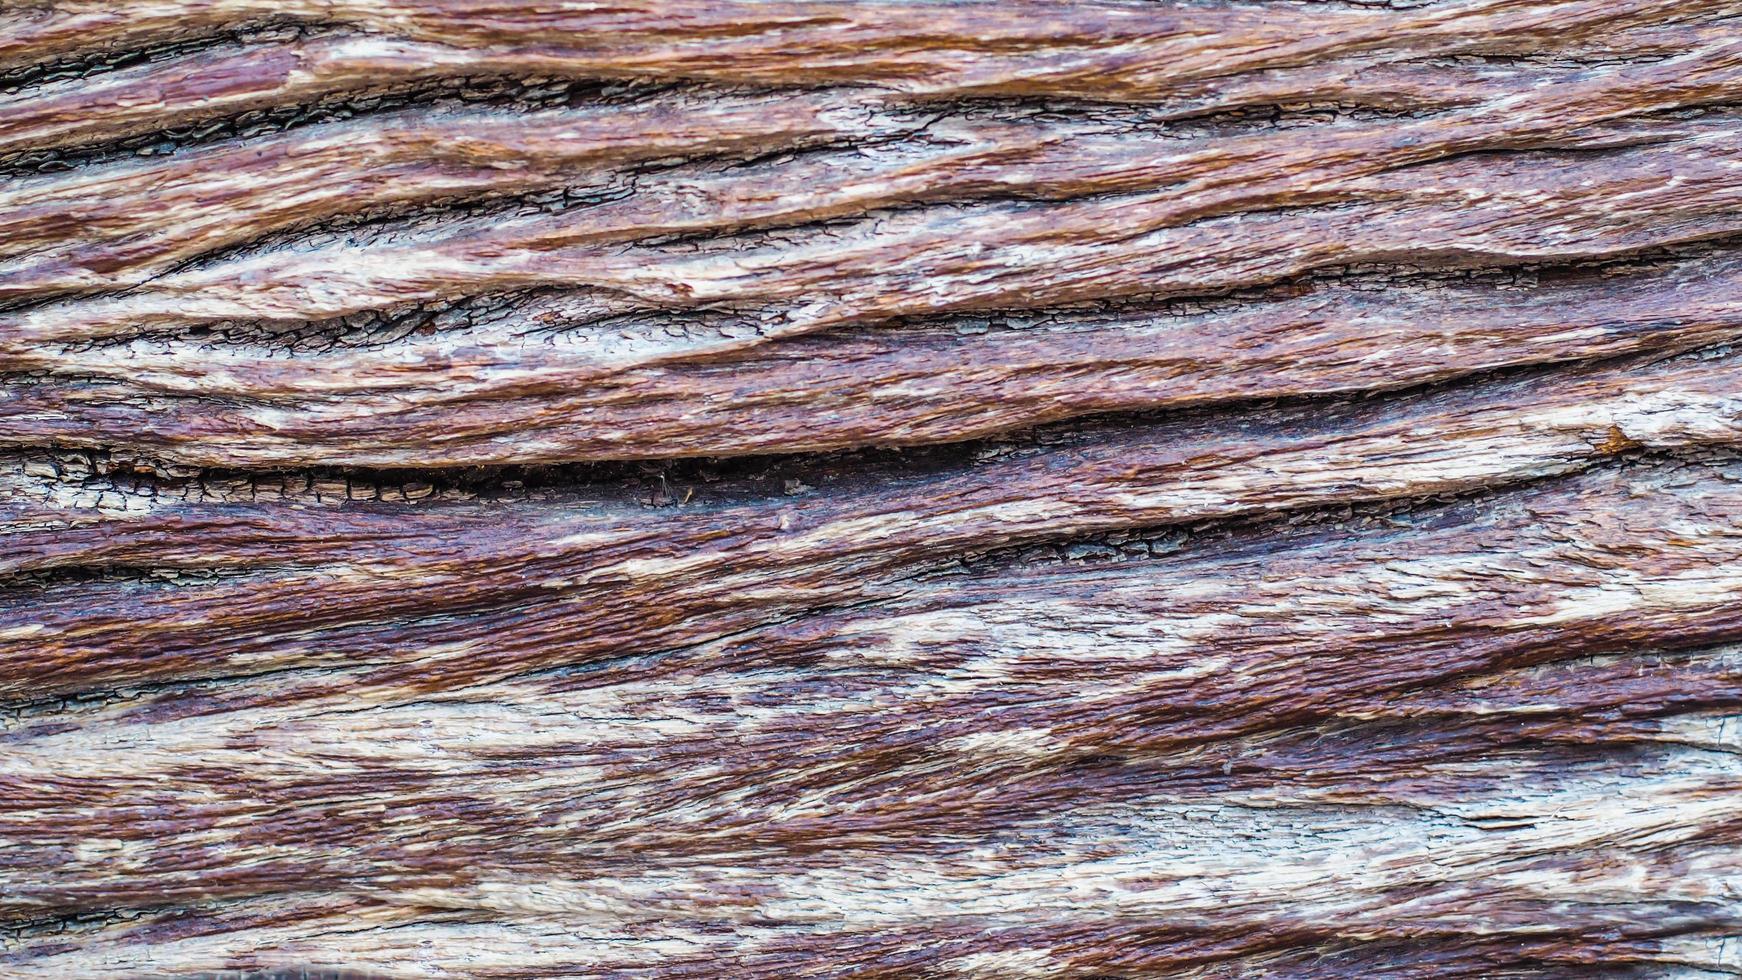 textura de corteza de árbol foto